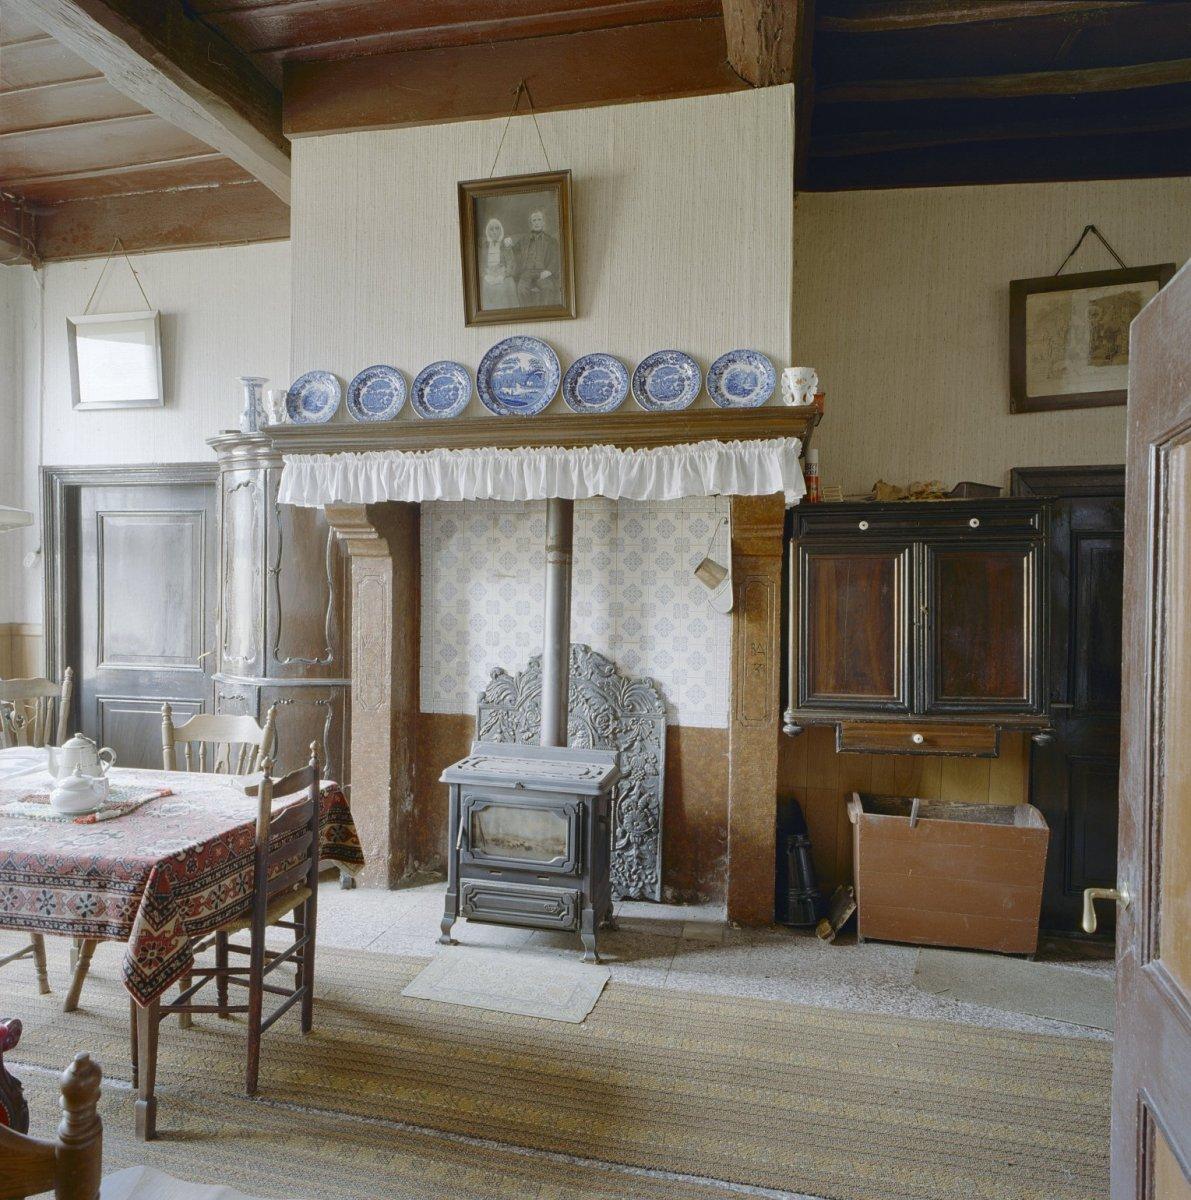 Description Interieur voorhuis, oude keuken - Winterswijk - 20346500 ...